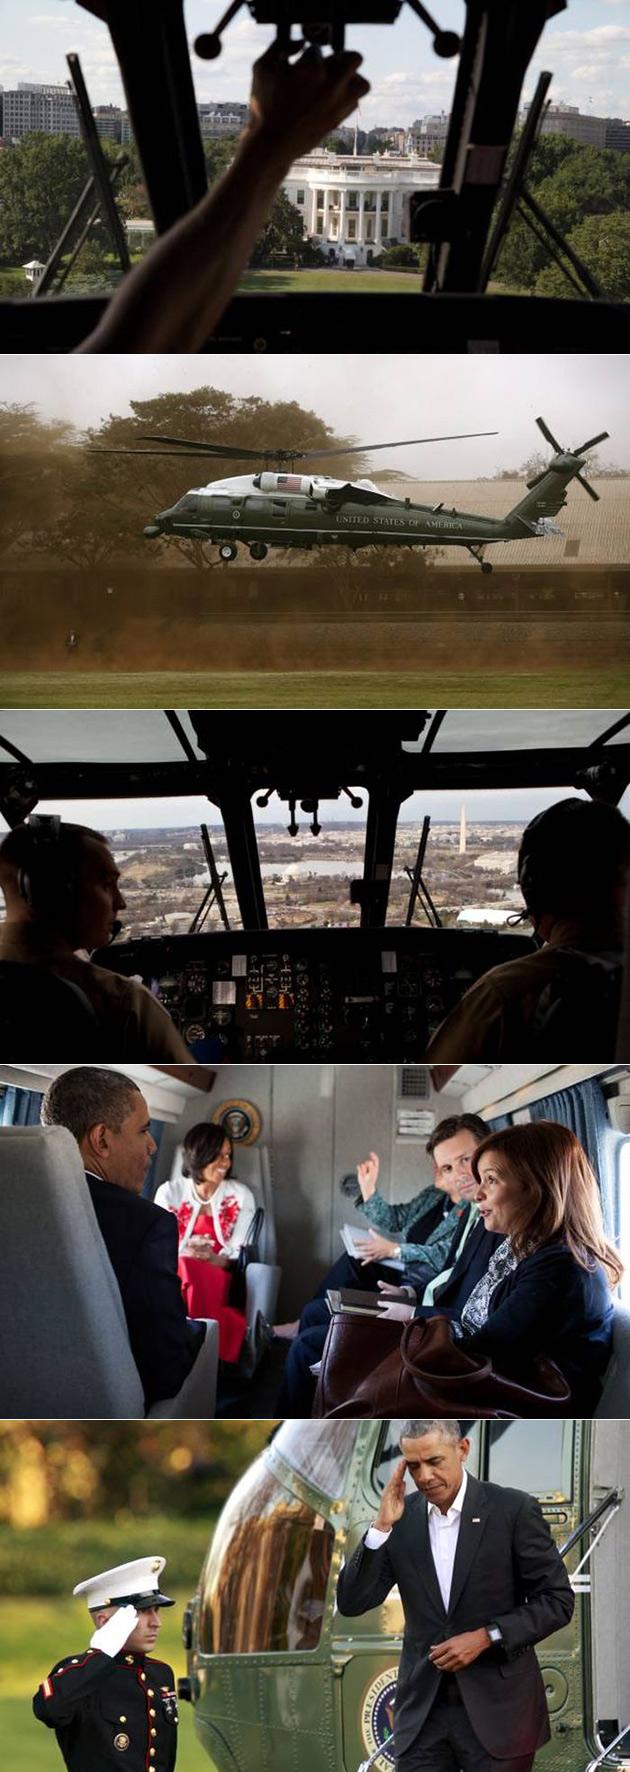 Regard Rare à la Présidentielle Marine Un Hélicoptère, Exploité par la Marine Escadron d'Hélicoptères de l'Un